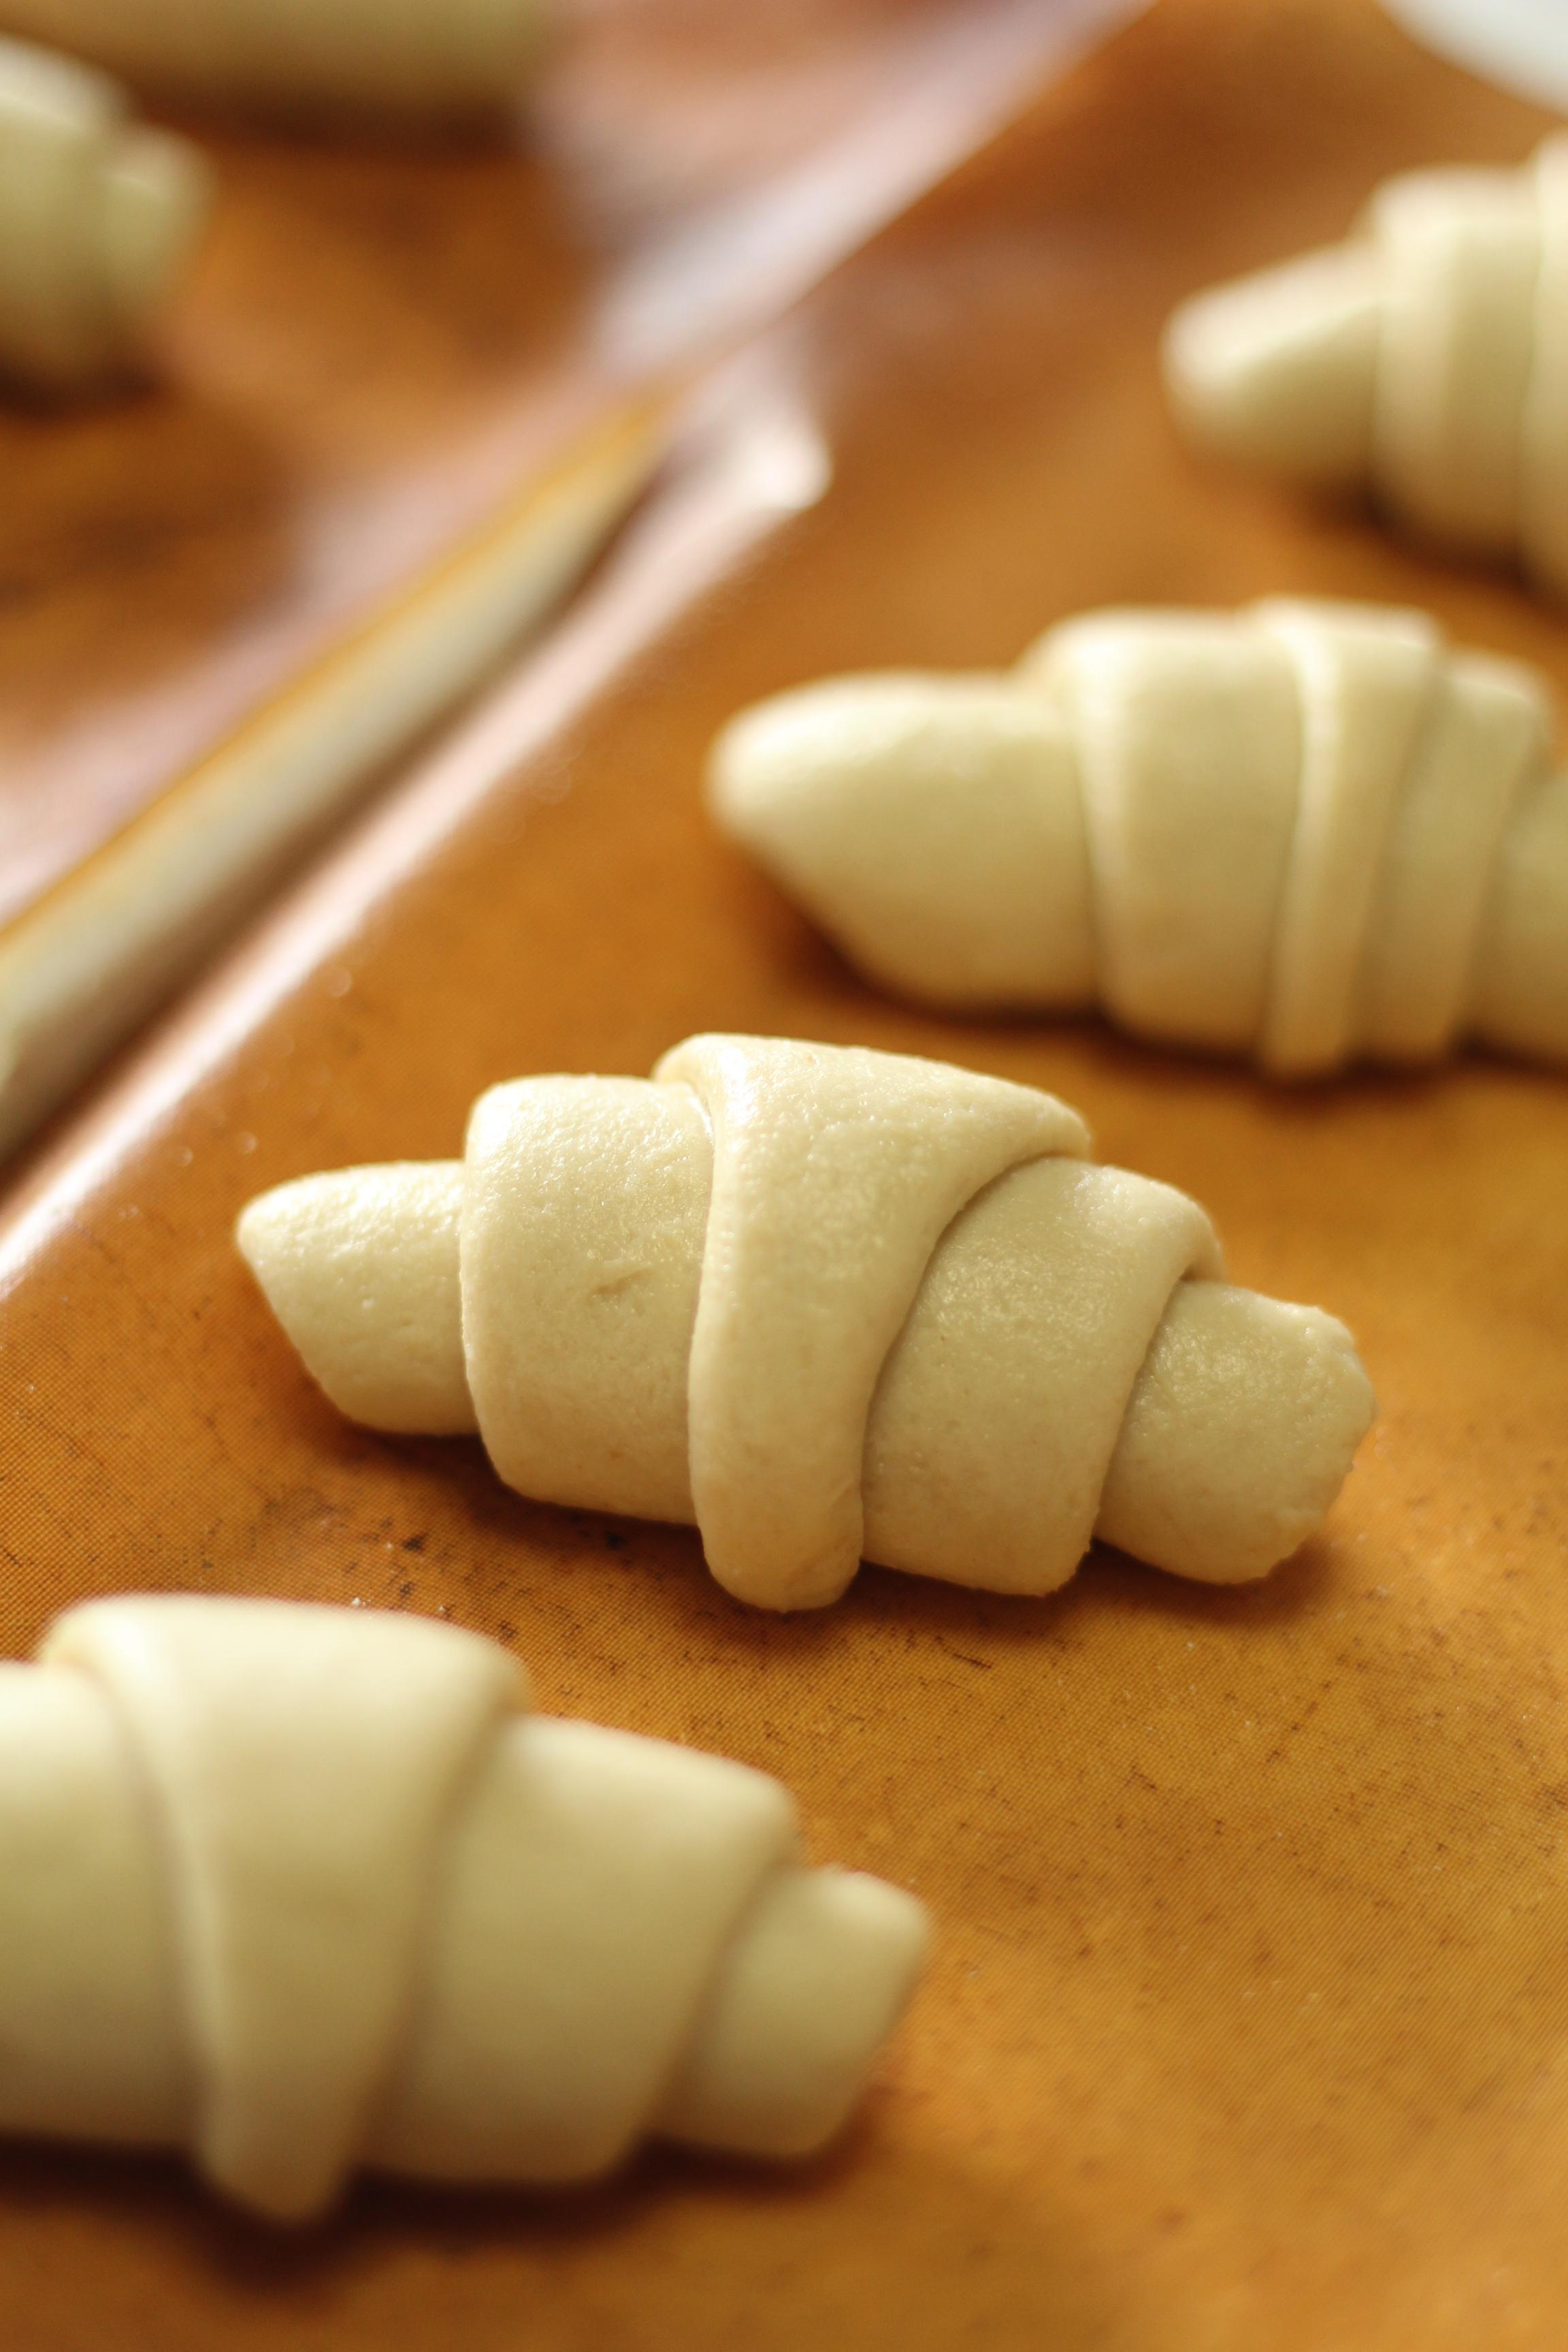 京都江部粉・糖質制限ベーシックコース1期生・ロールパンとナッツブレッド